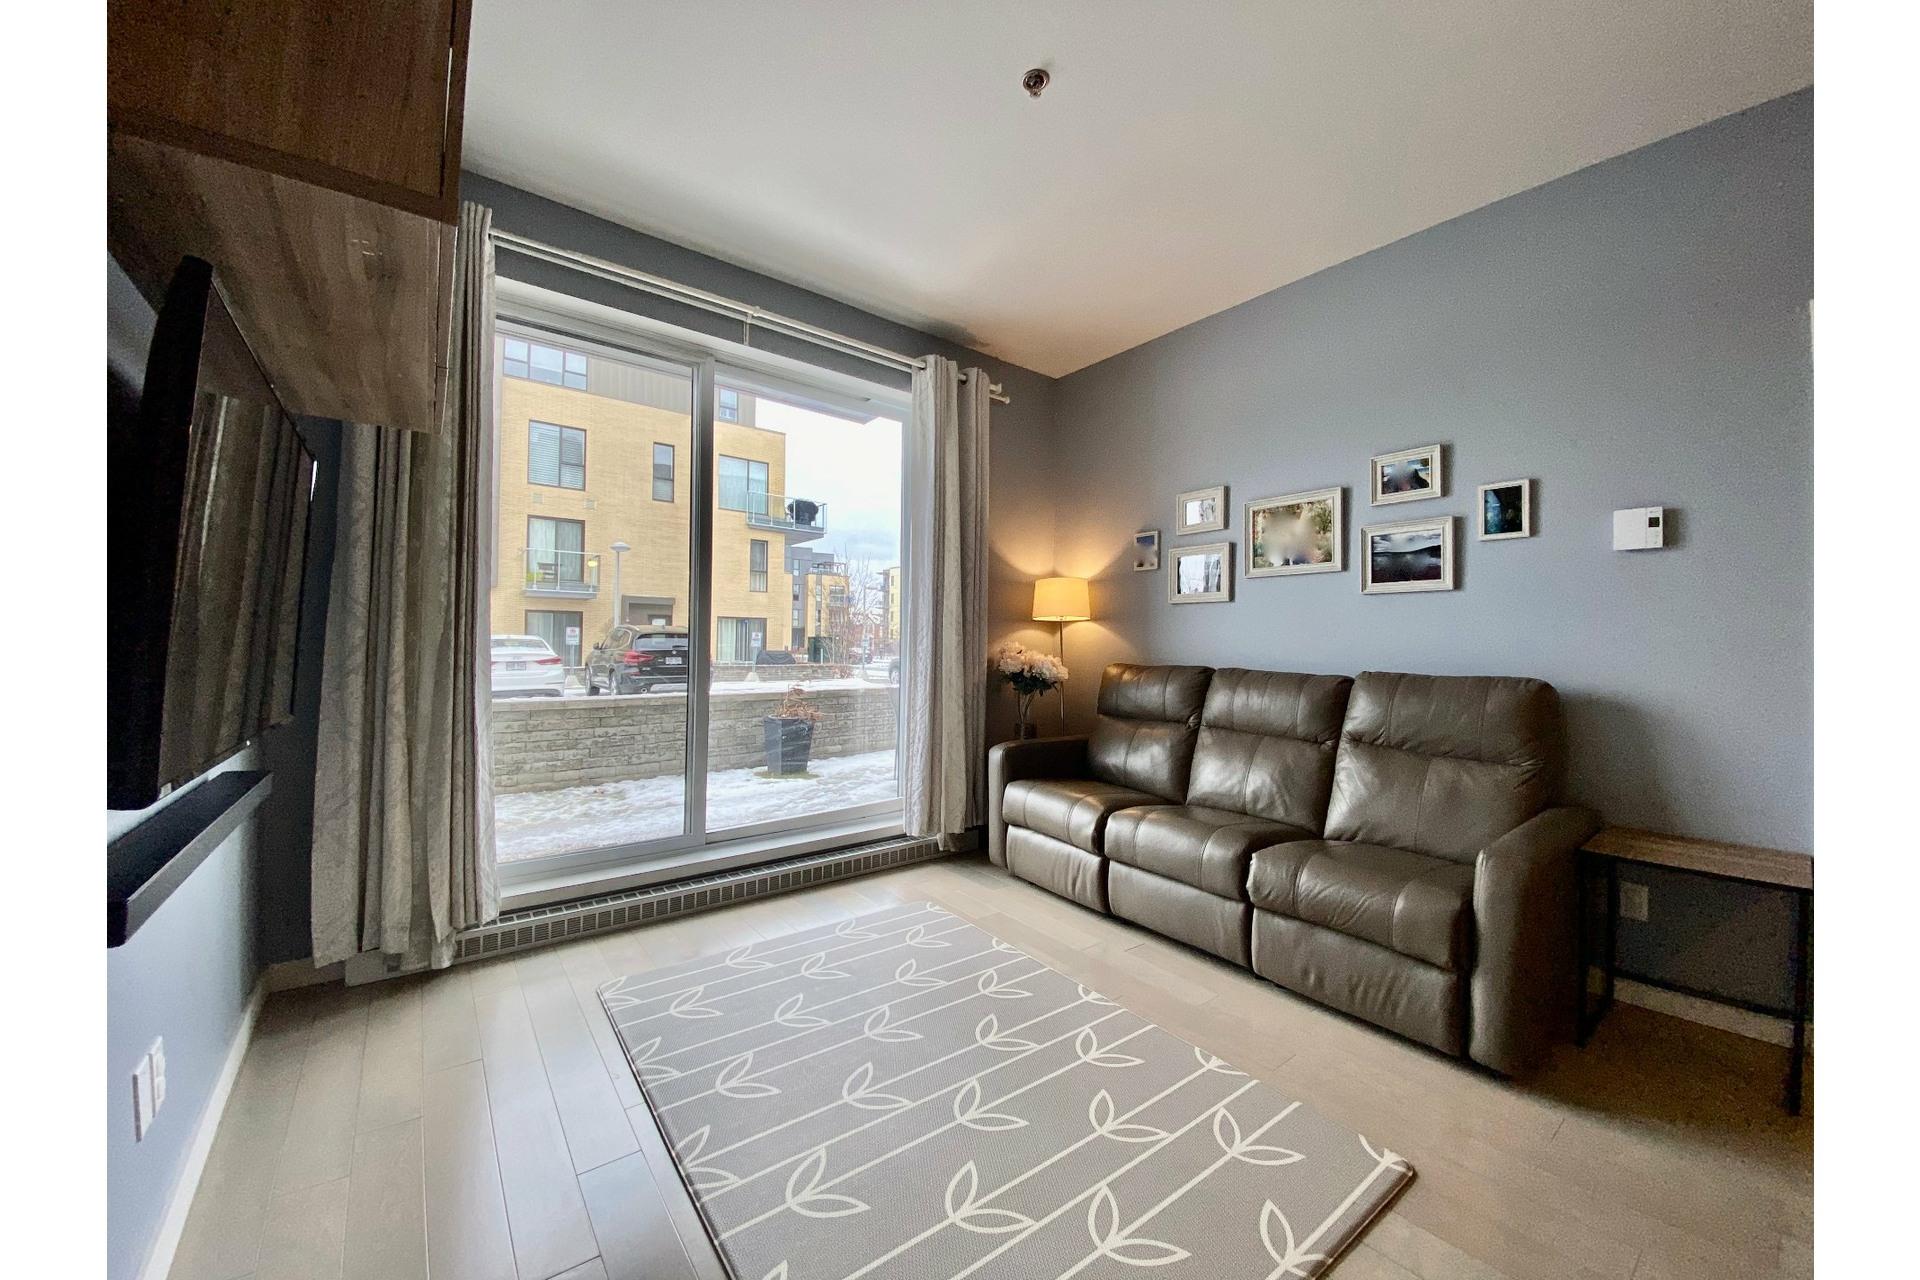 image 6 - Appartement À vendre Lachine Montréal  - 8 pièces